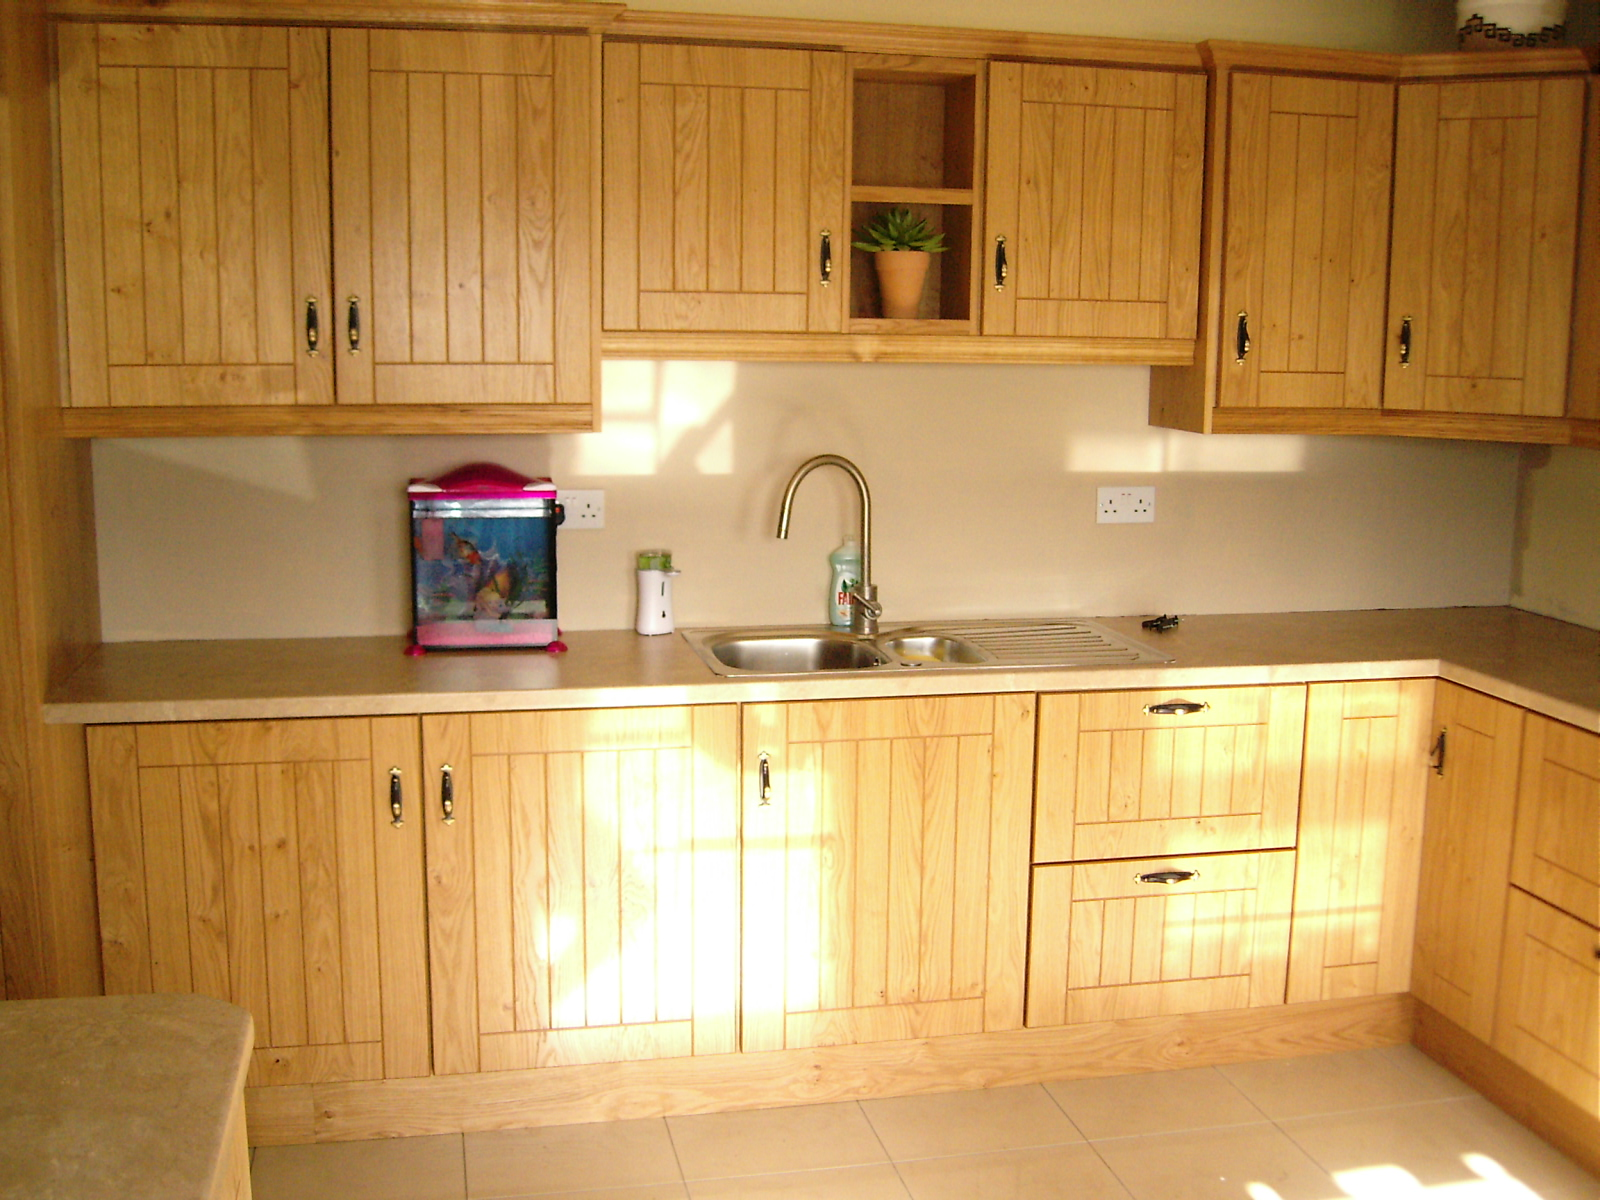 furniture kitchen interior kitchen cabinet manufacturers mdf wood shenandoah cabinets kitchen set rta s manufacture black kitchen cabinets cabinet rta